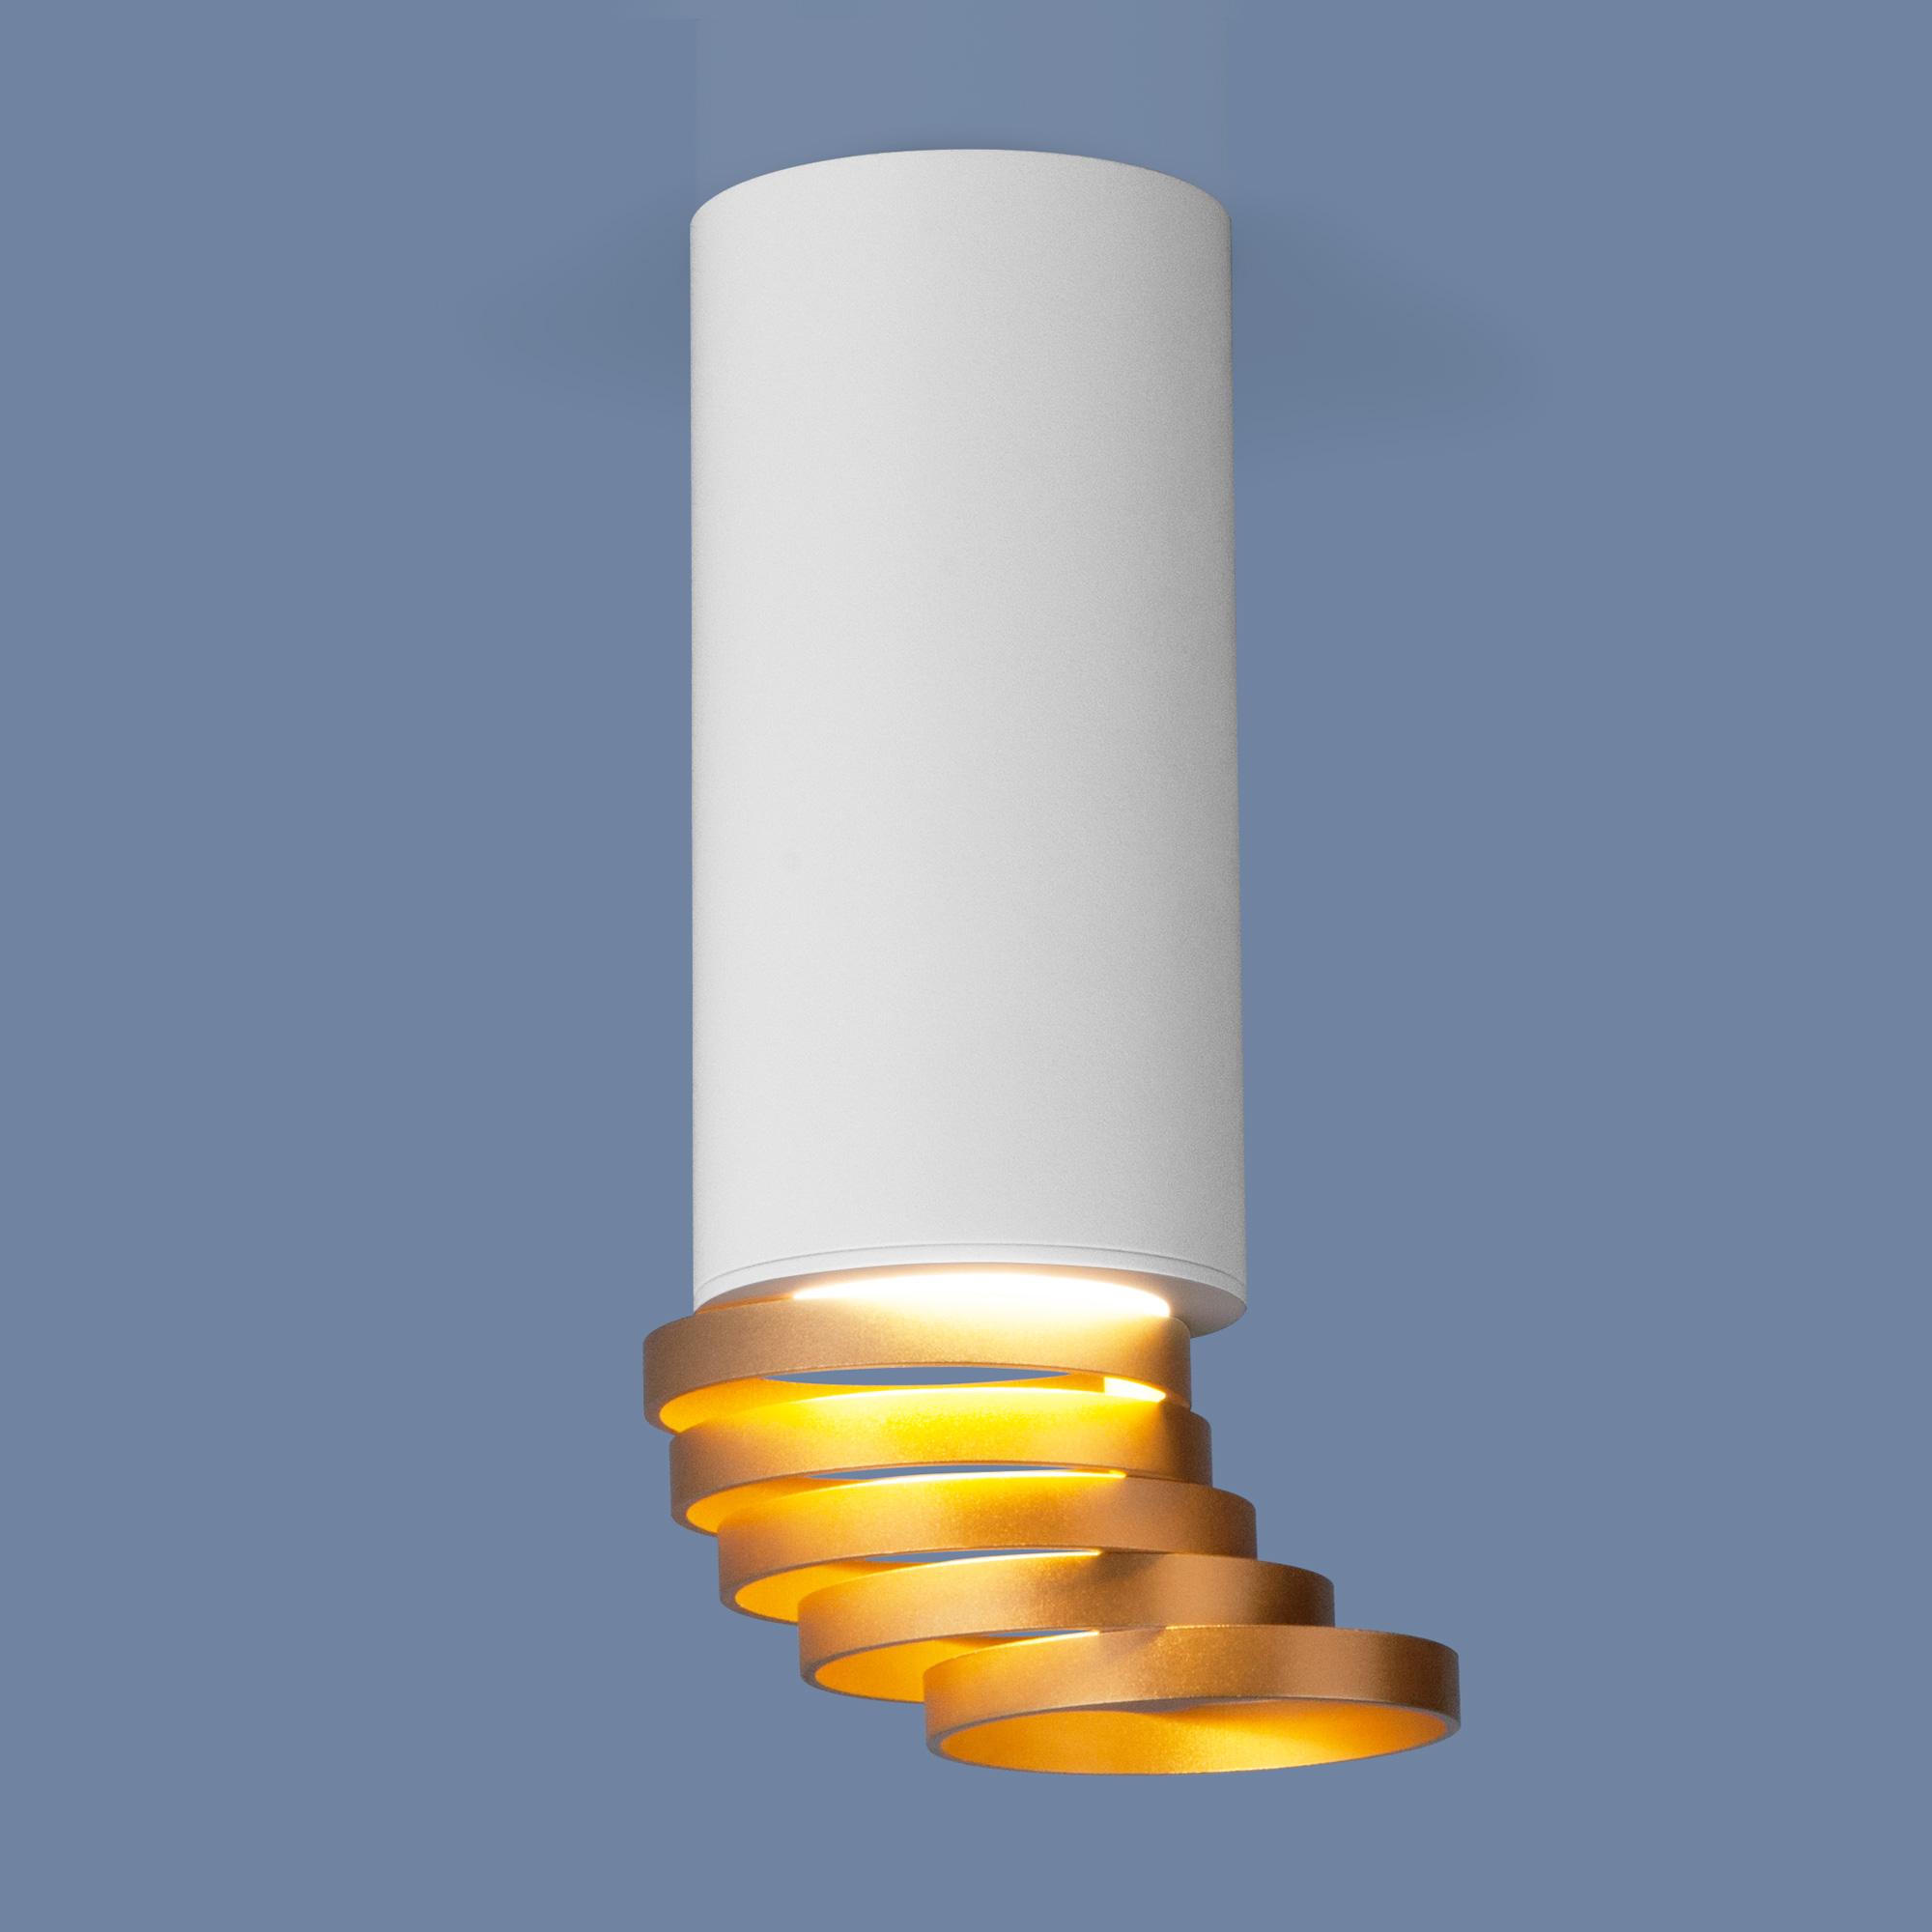 DLN102 GU10 белый/золото